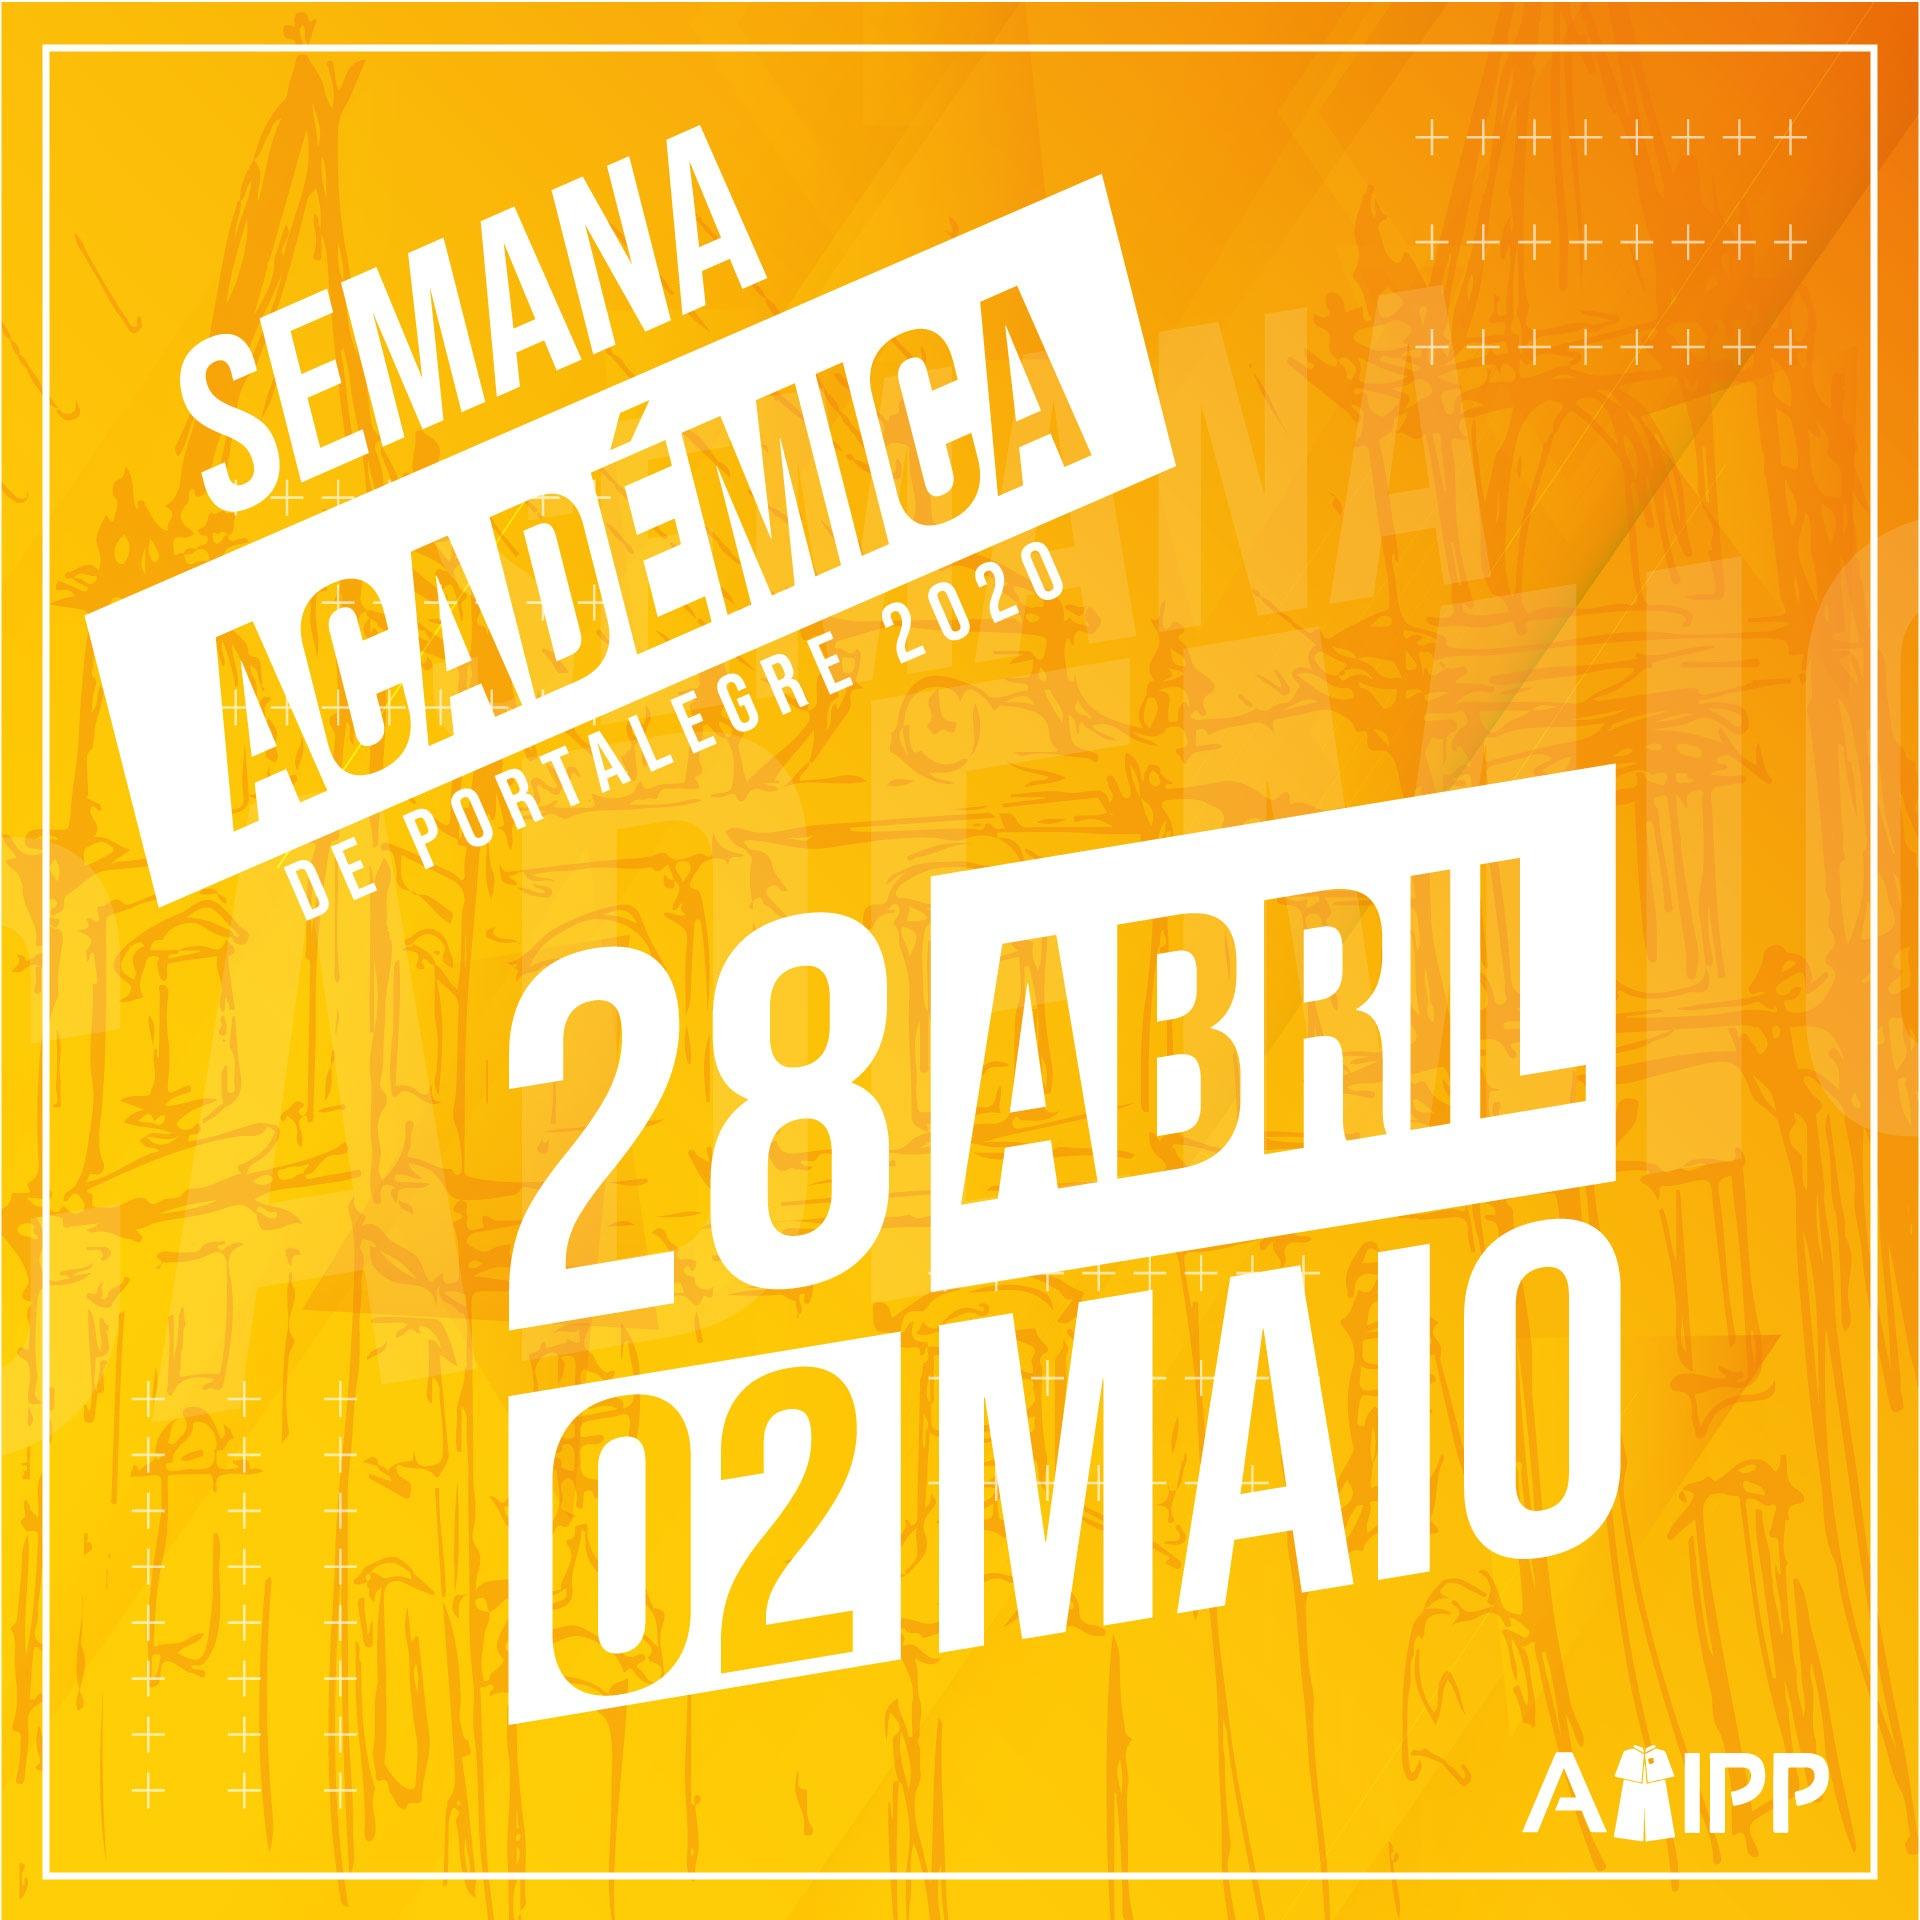 CromWrb com as datas da Semana Académica de Portalegre 2020 - 28 de abril a 2 de maio